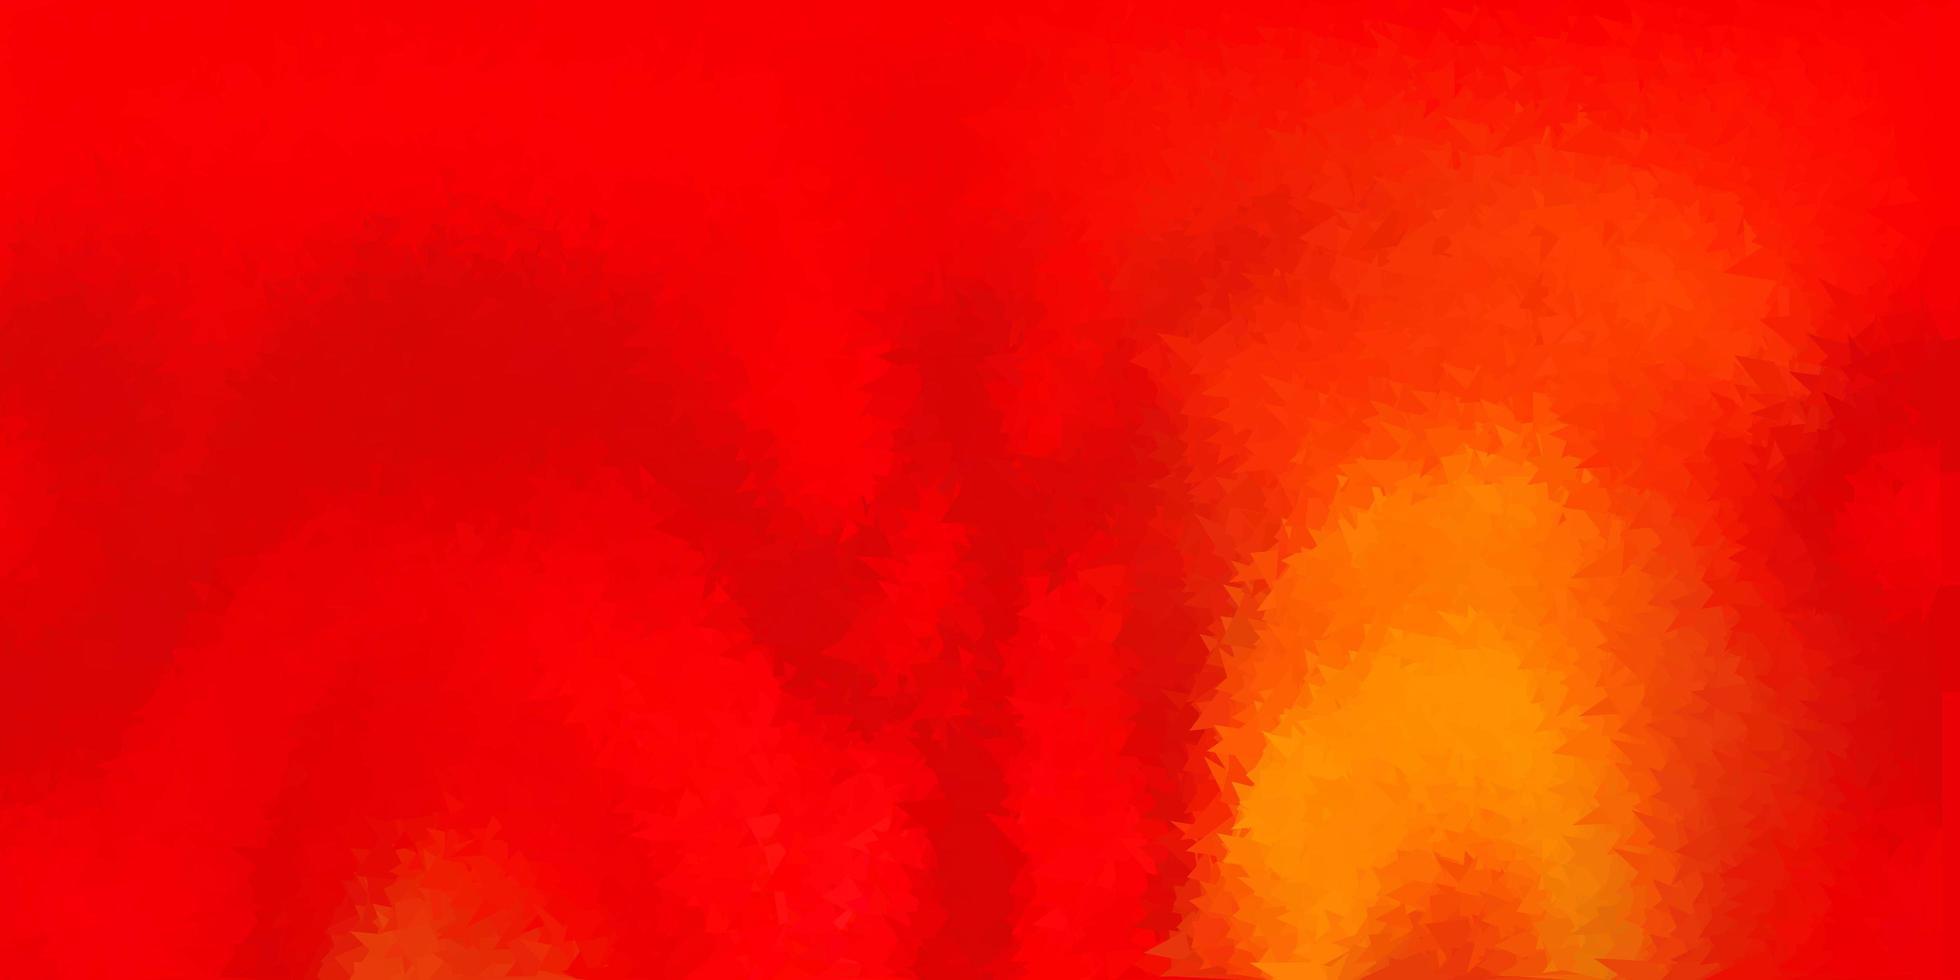 diseño poligonal geométrico rojo claro, amarillo del vector. vector